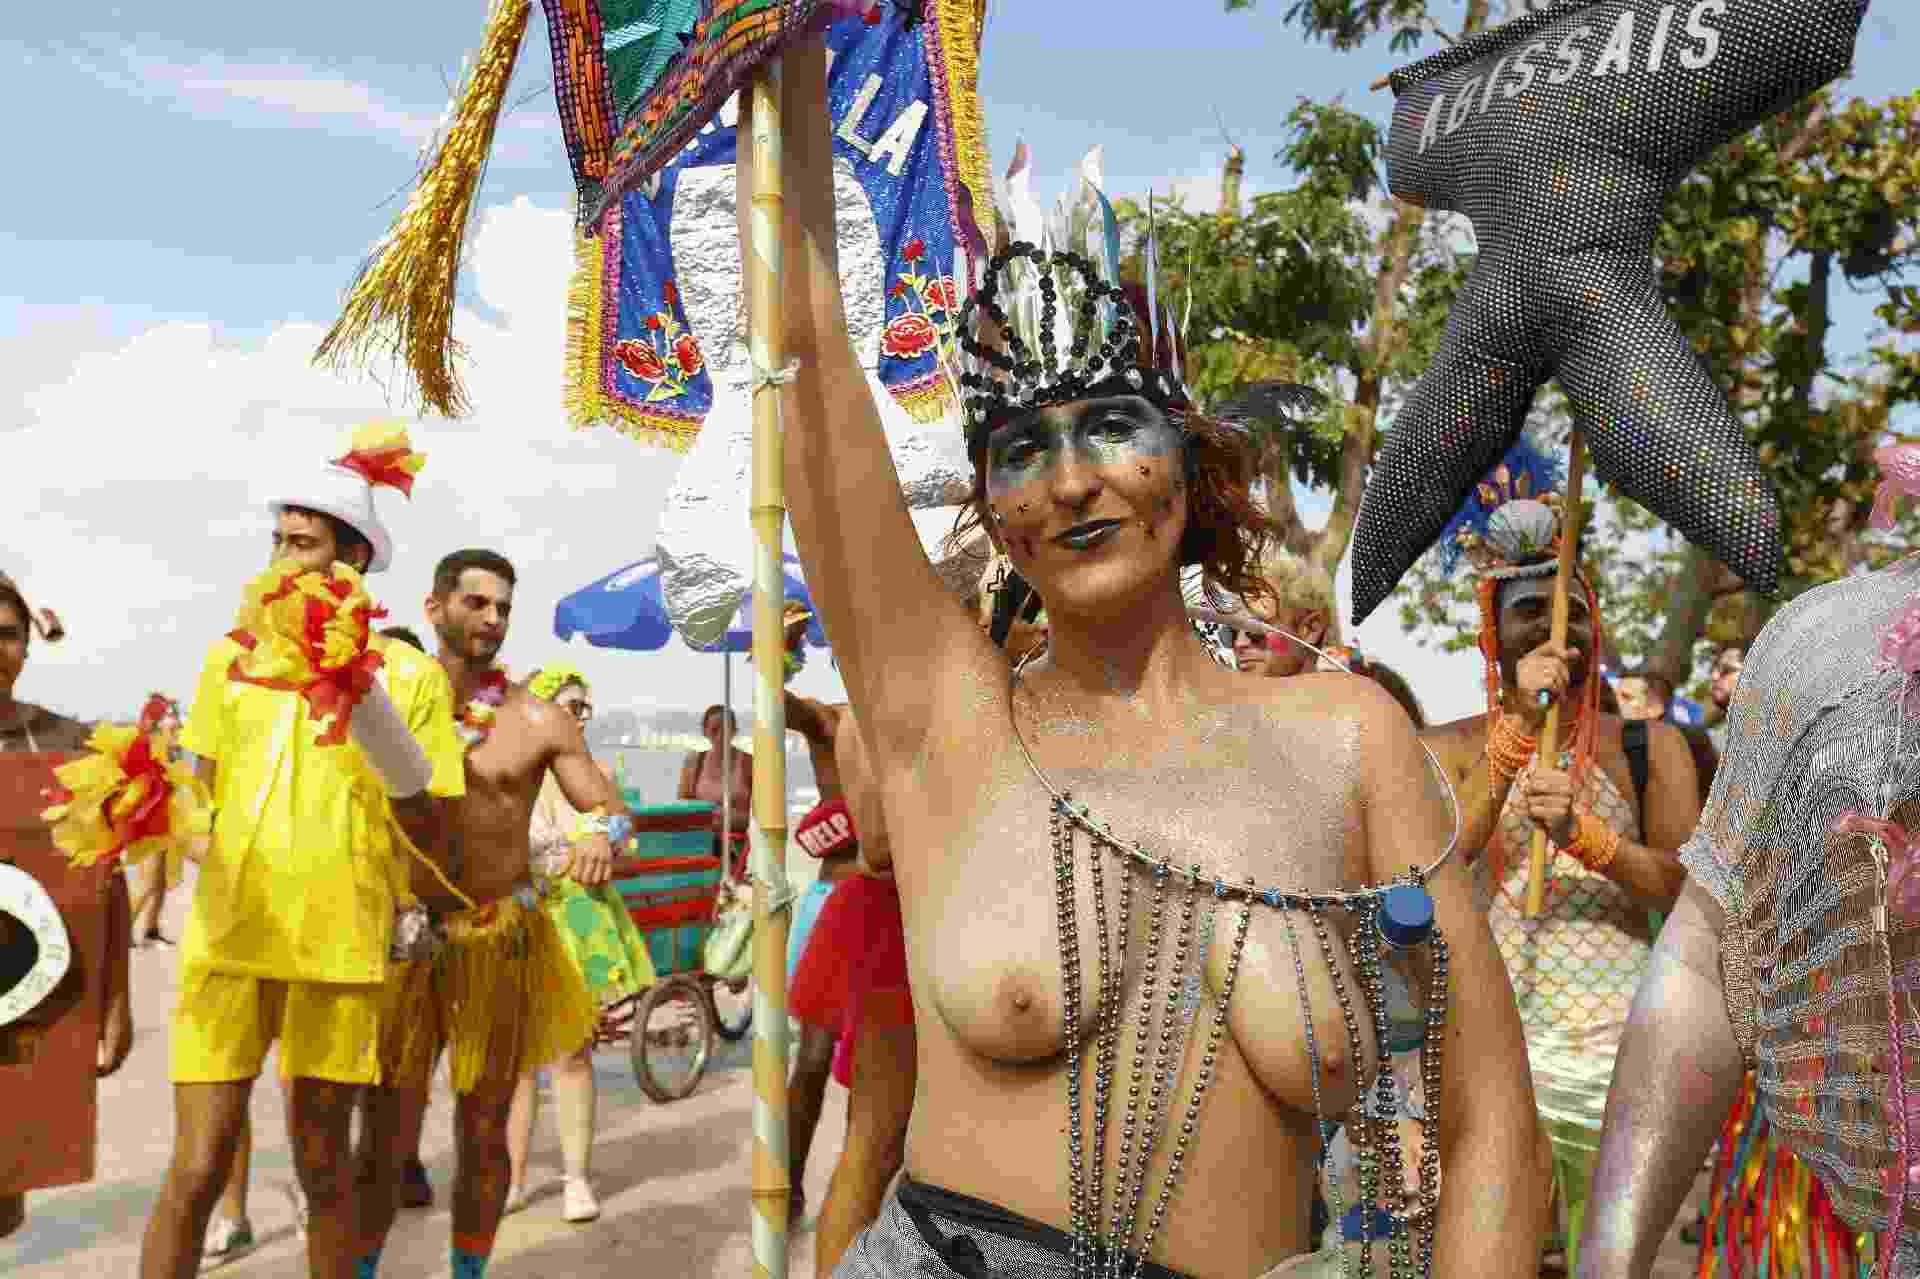 Desfilando pelo segundo ano, o bloco Sereias da Guanabara celebra a diversidade e o respeito - Marcelo de Jesus/UOL